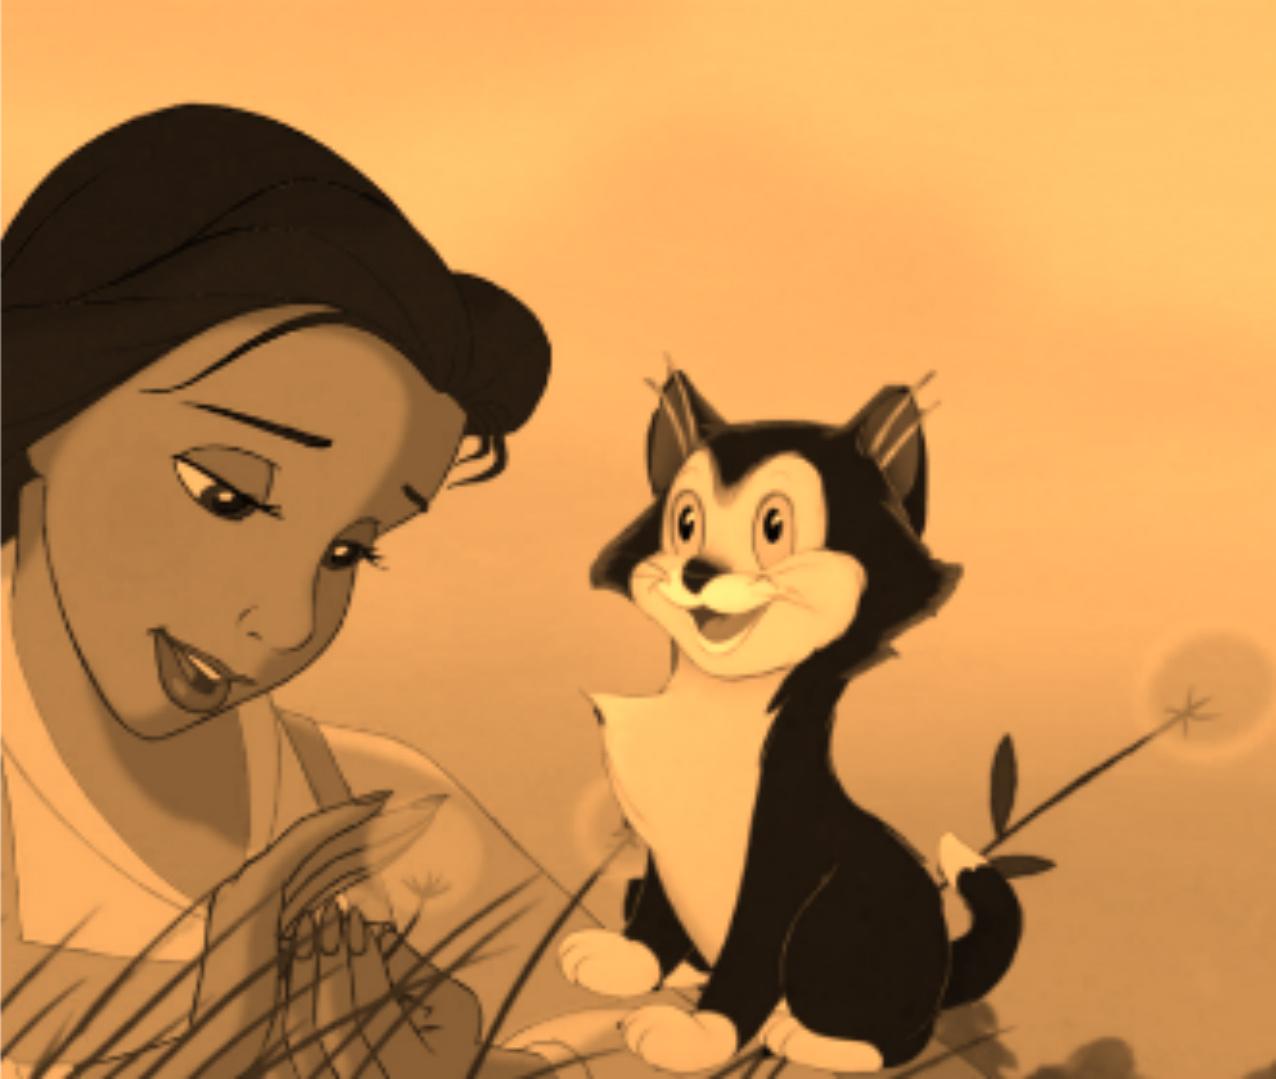 Belle & her cat Figaro